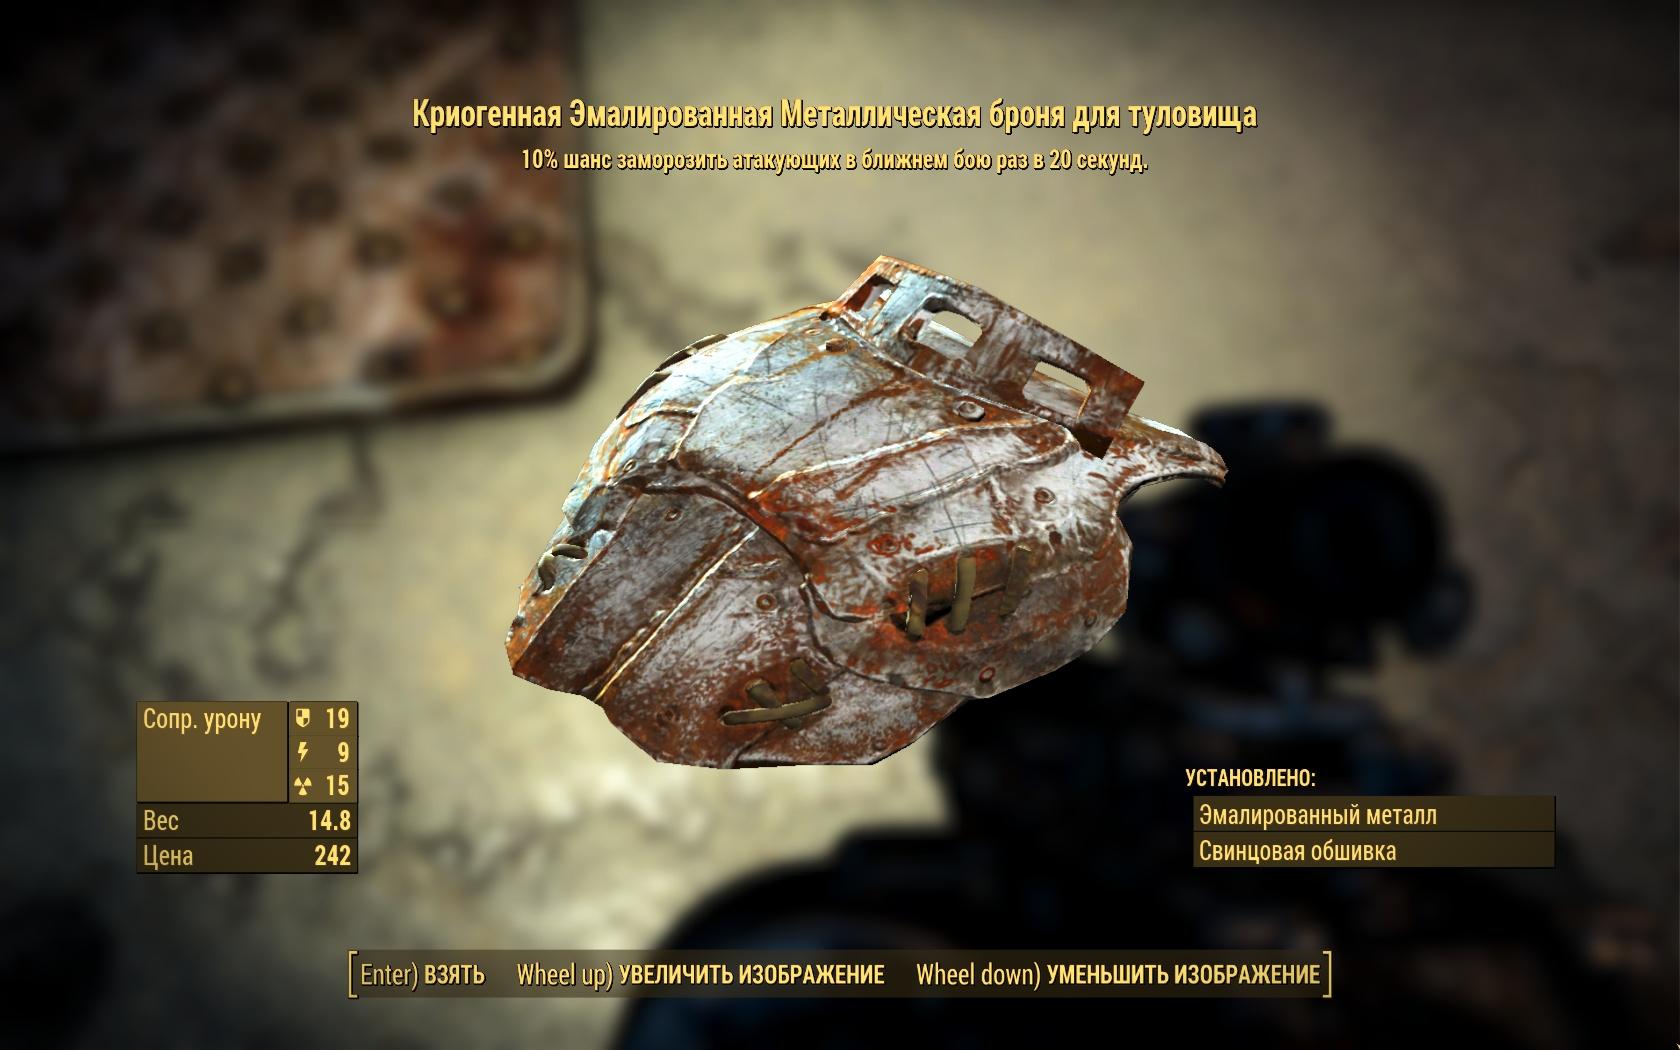 Криогенная эмалированная металлическая броня для туловища - Fallout 4 броня, Криогенная, металлическая, Одежда, эмалированная